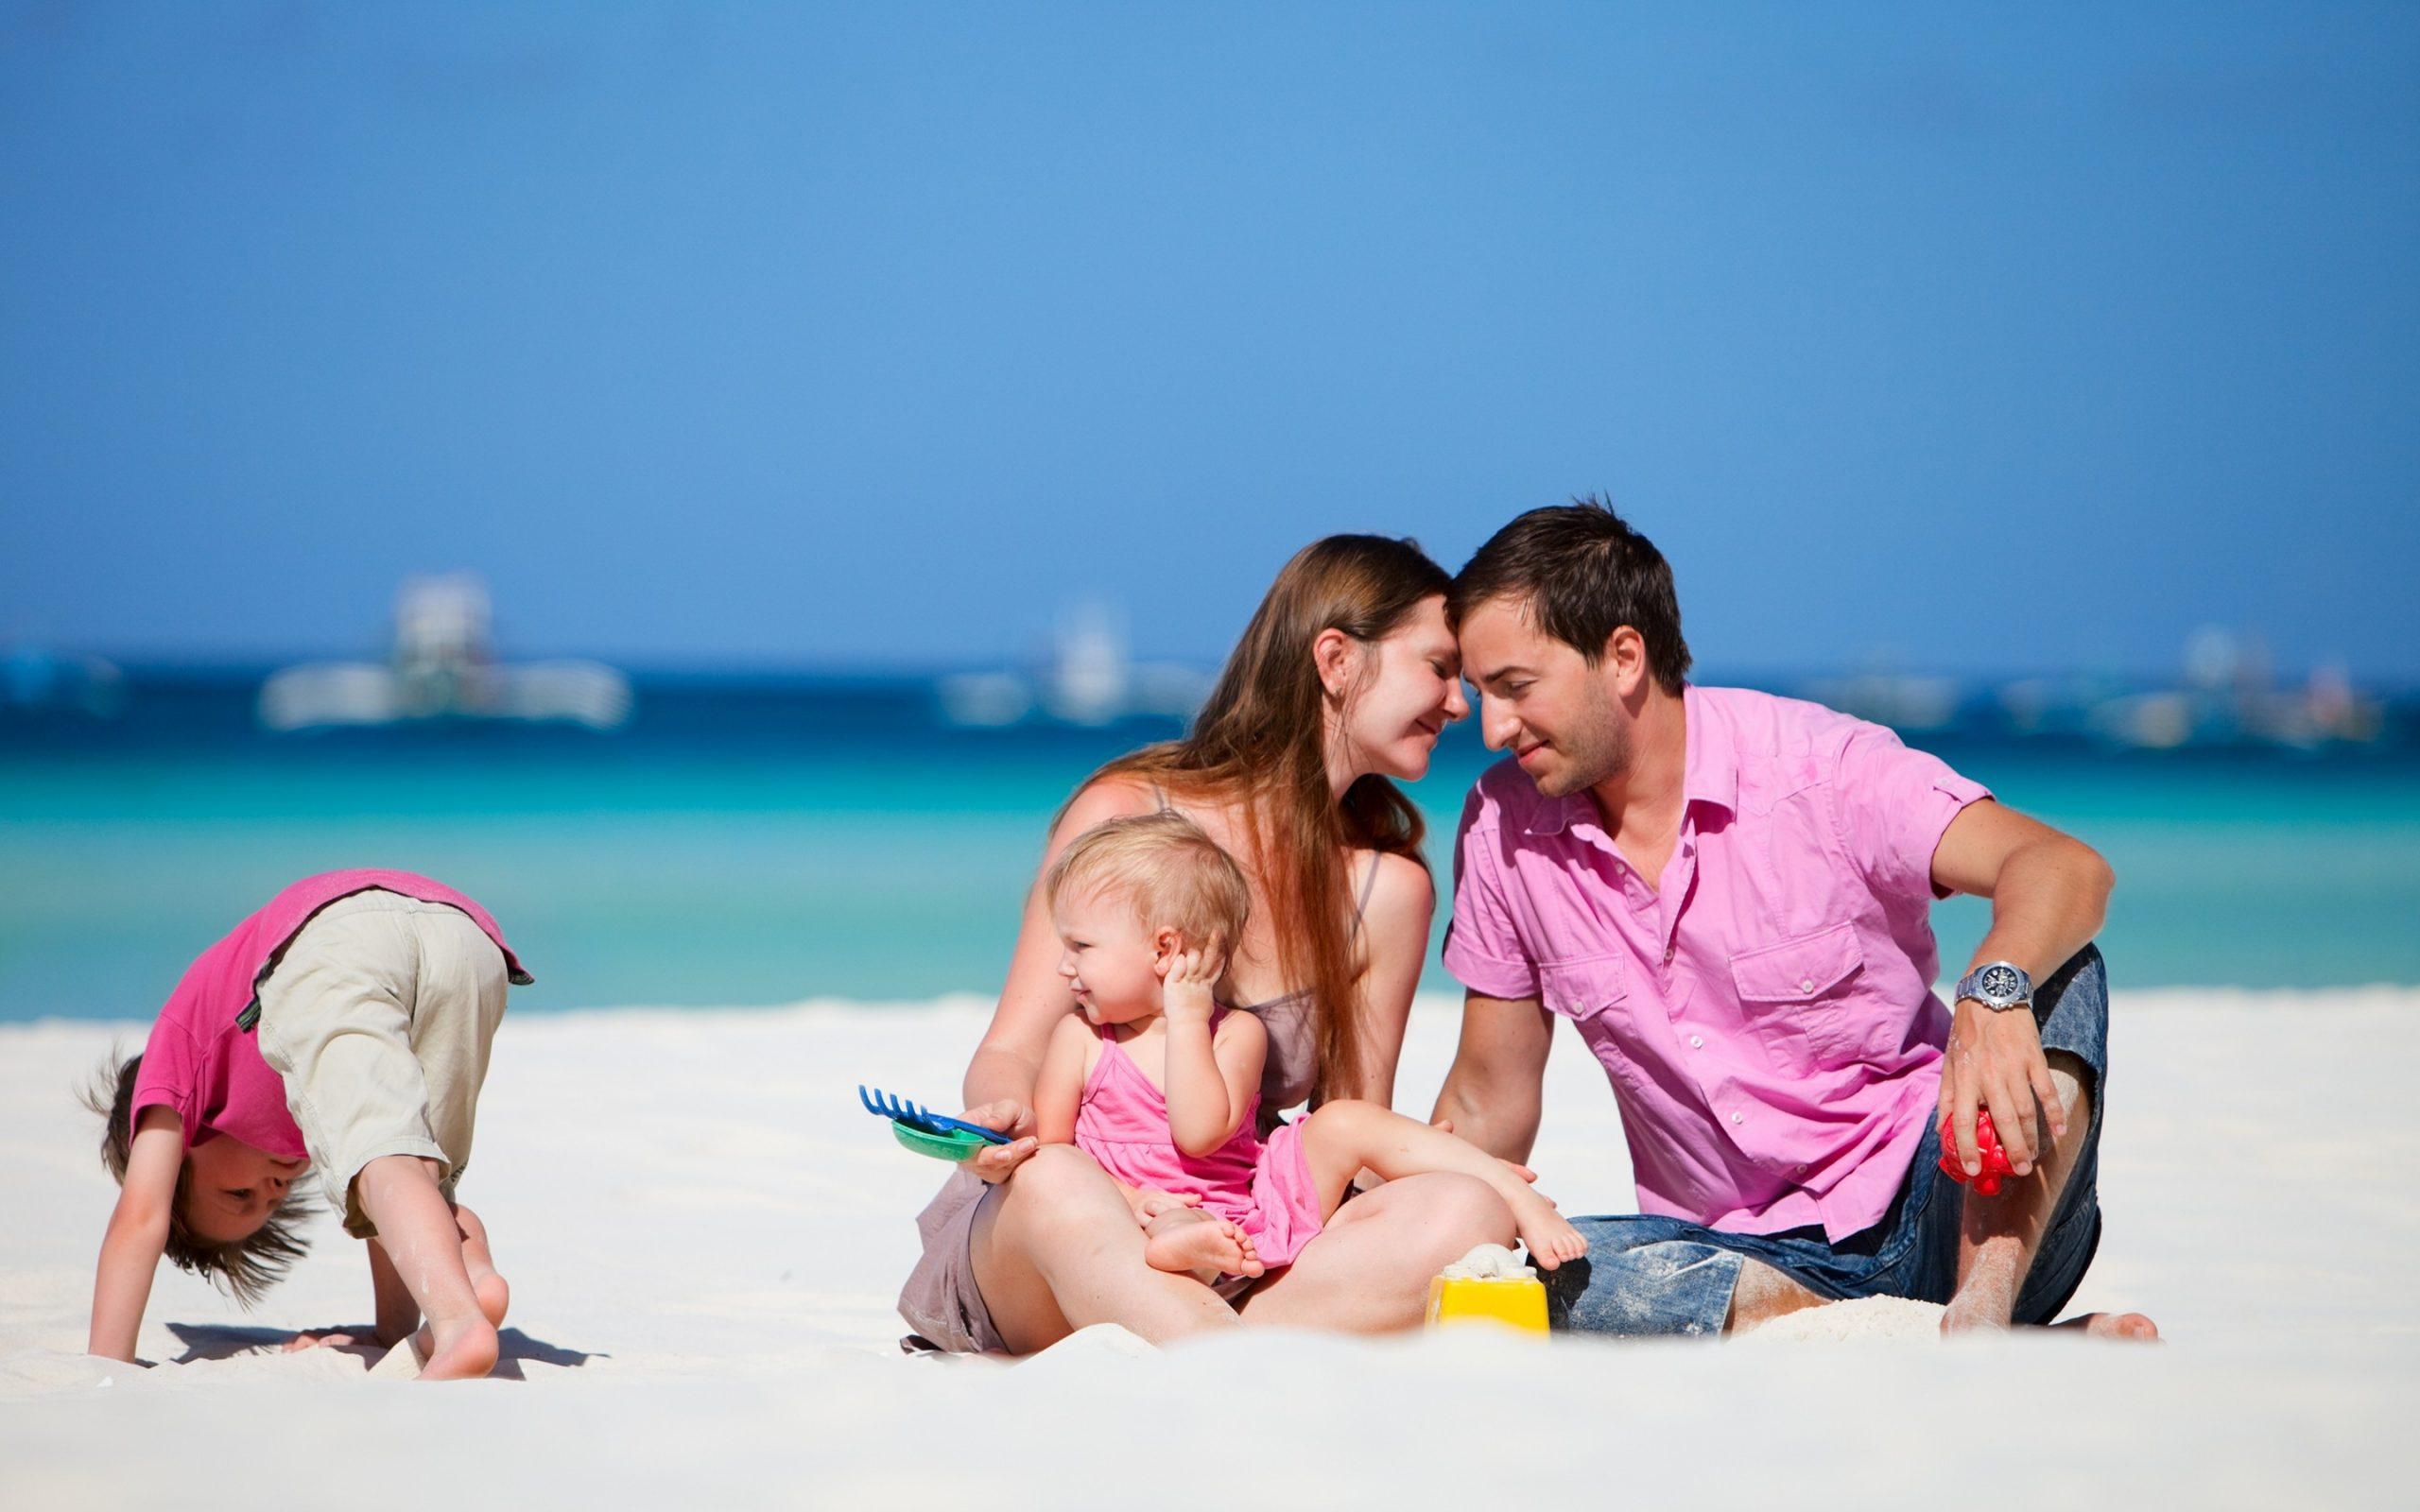 Çocuklarınıza Sevgi Göstermek Güven Duyusunu Çoğaldırıyor